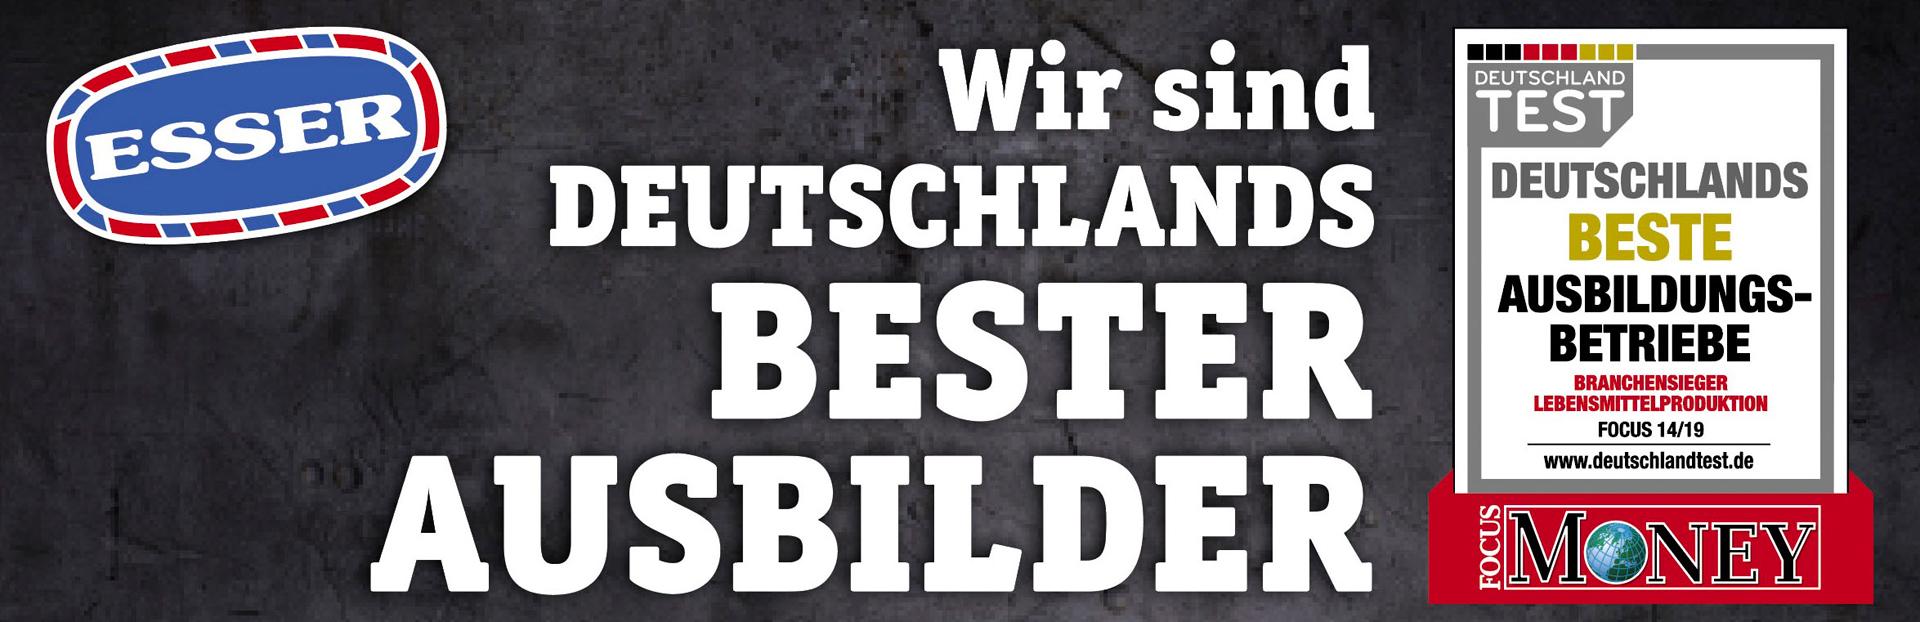 Wurstspezialitäten ESSER - Deutschlands bester Ausbilder